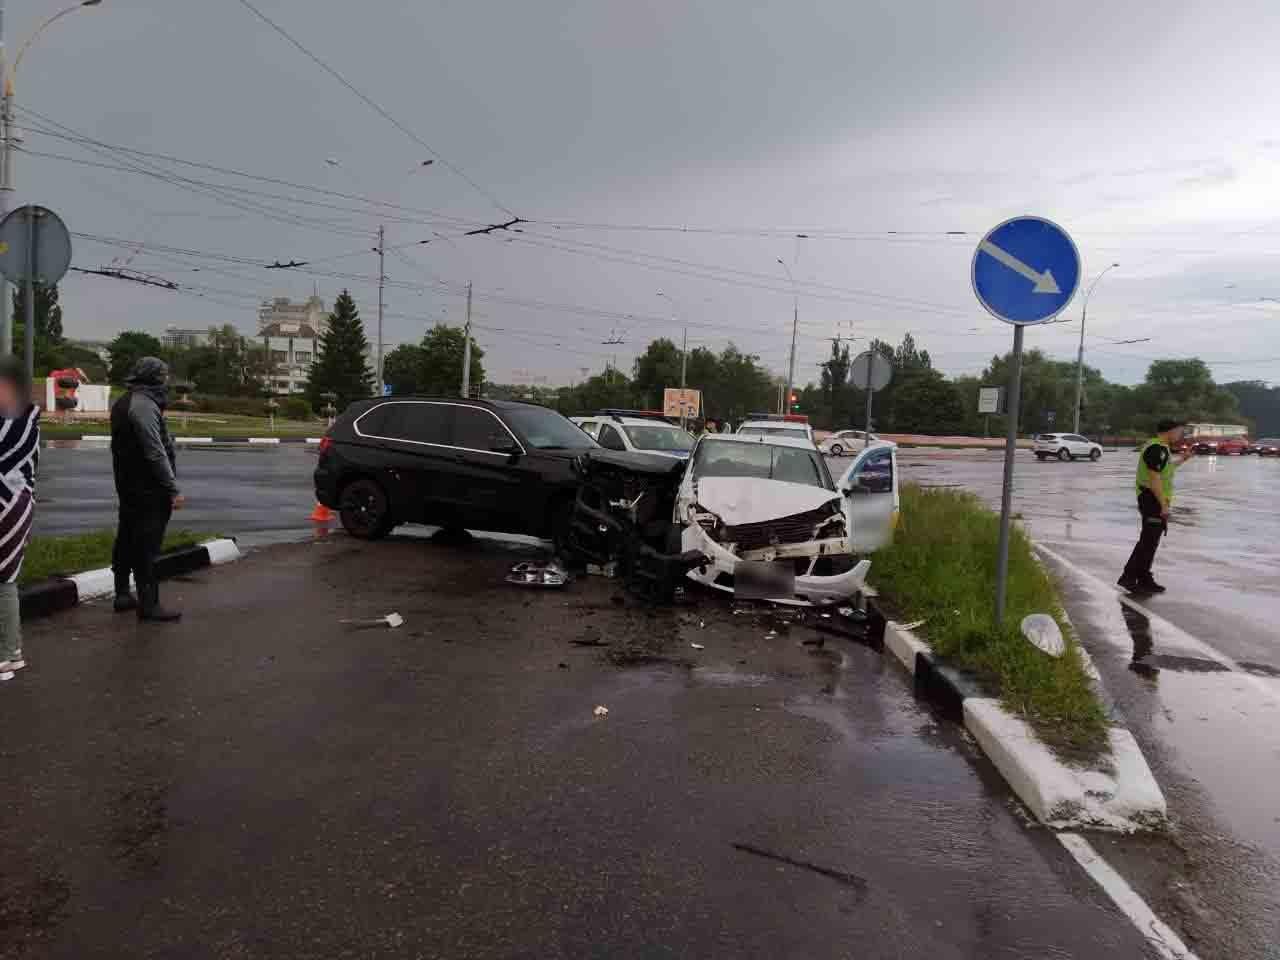 В поліції розповіли подробиці ДТП з травмованими біля «Садко» у Сумах, фото-1